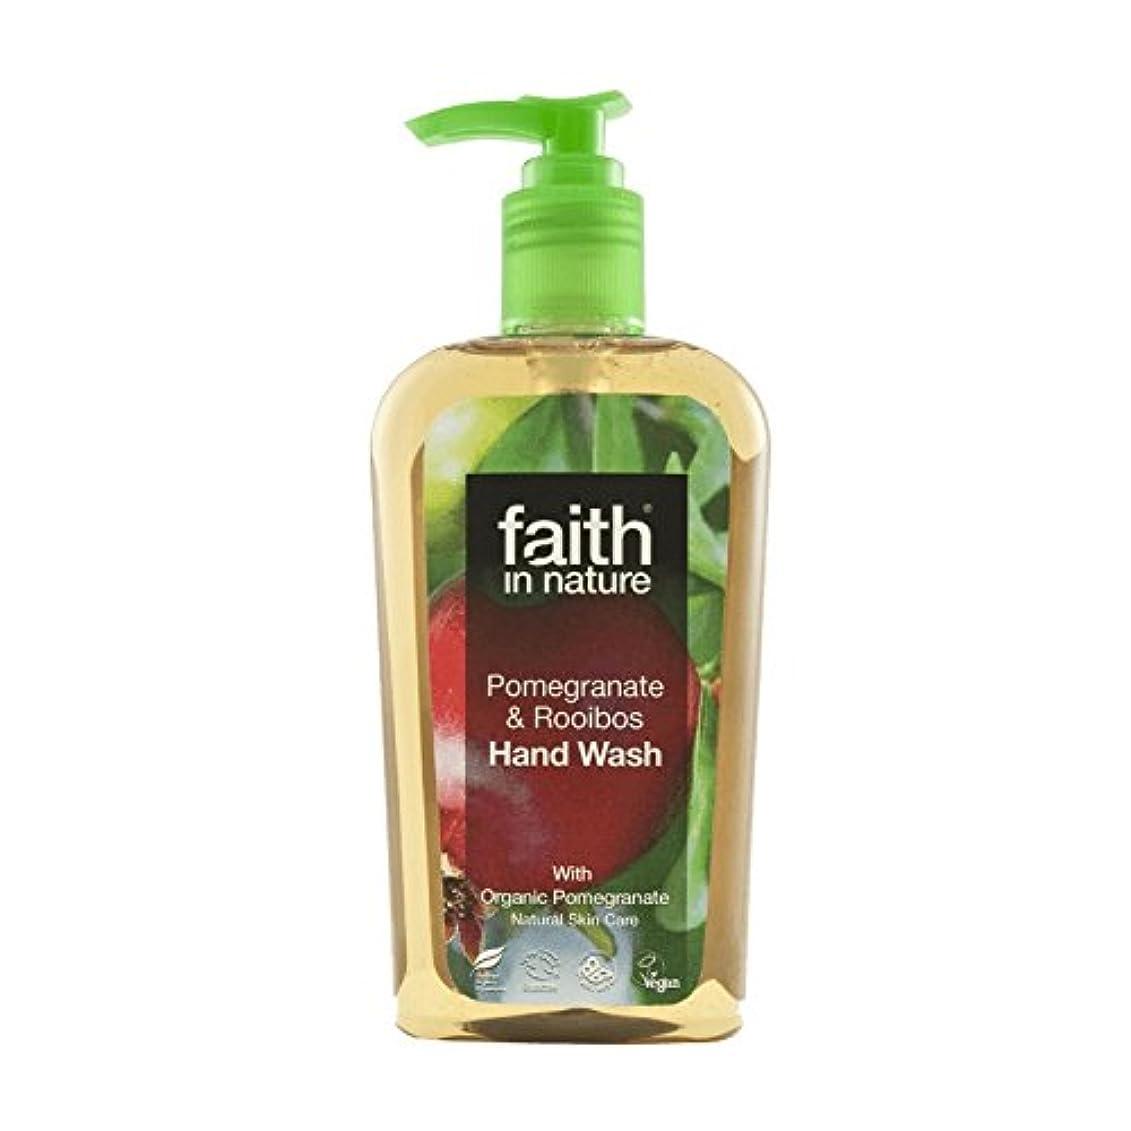 偶然の保険をかけるバイパスFaith In Nature Pomegranate & Rooibos Handwash 300ml (Pack of 6) - 自然ザクロ&ルイボス手洗いの300ミリリットルの信仰 (x6) [並行輸入品]